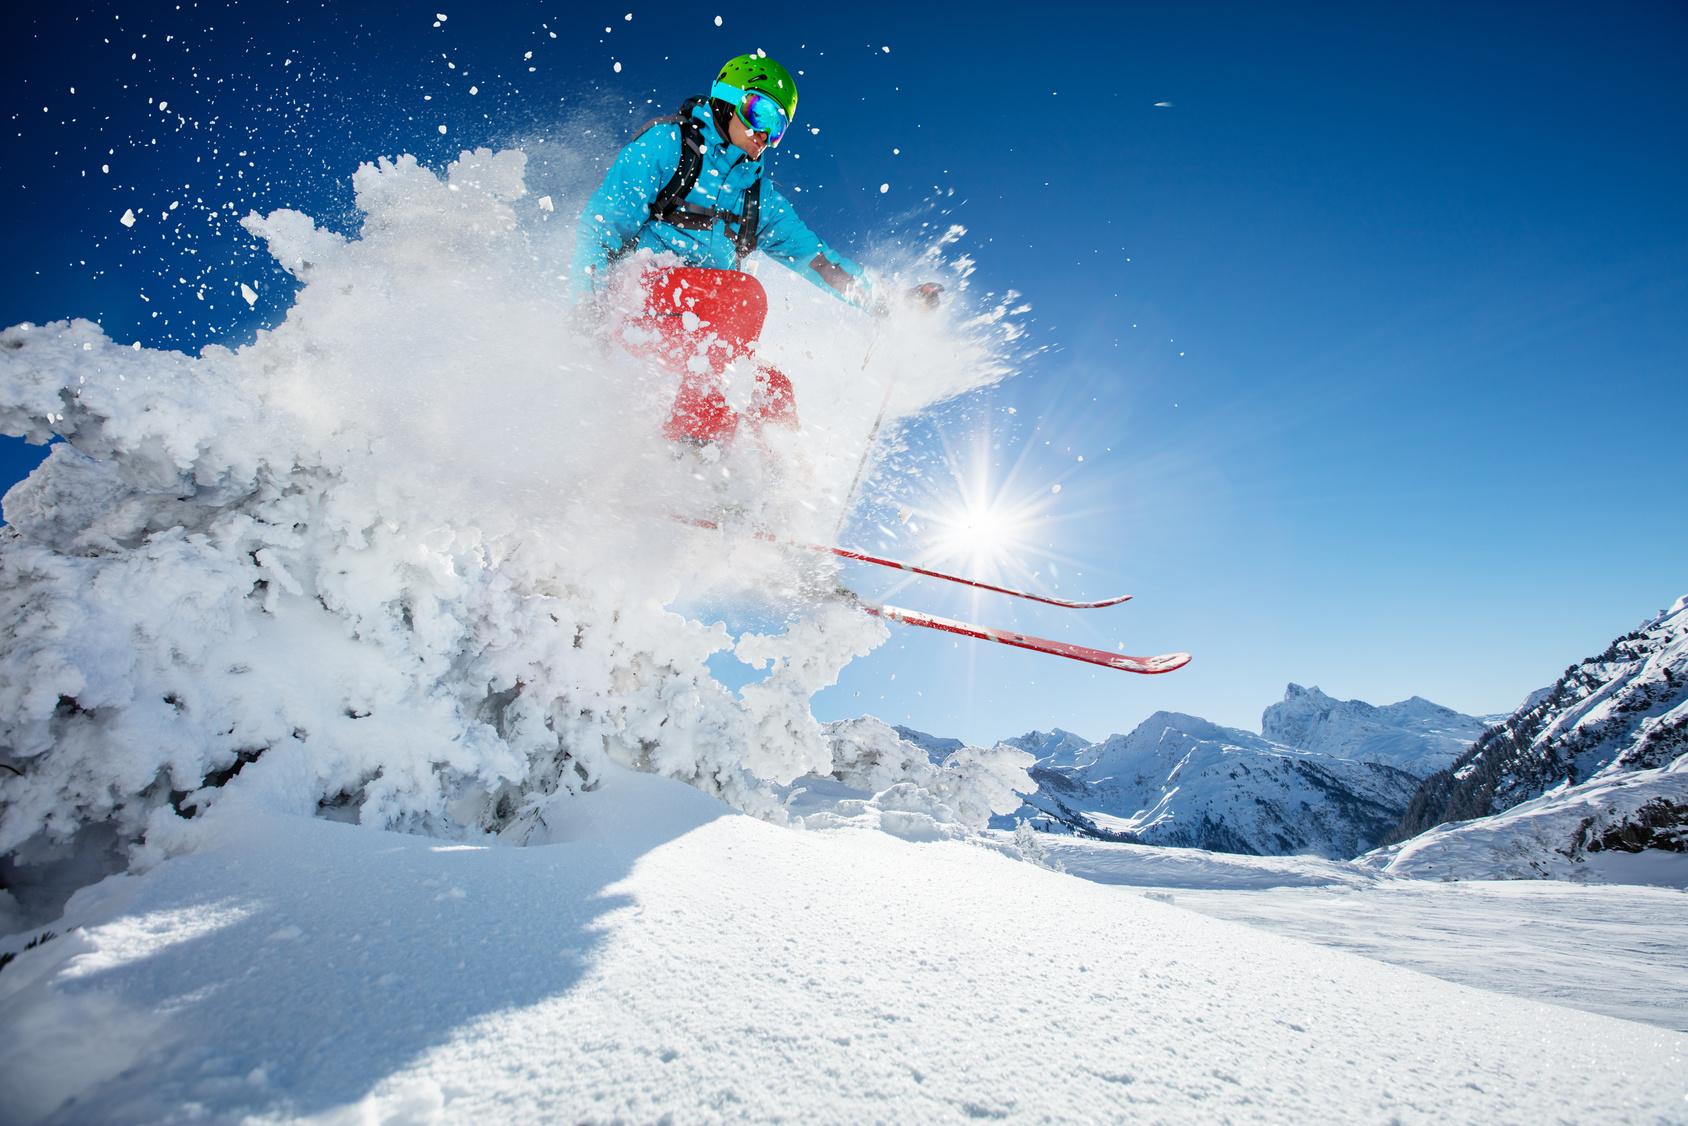 Ein Skifahrer hebt vor blauem Himmel ab und lässt Pulverschnee in alle Richtungen fliegen.